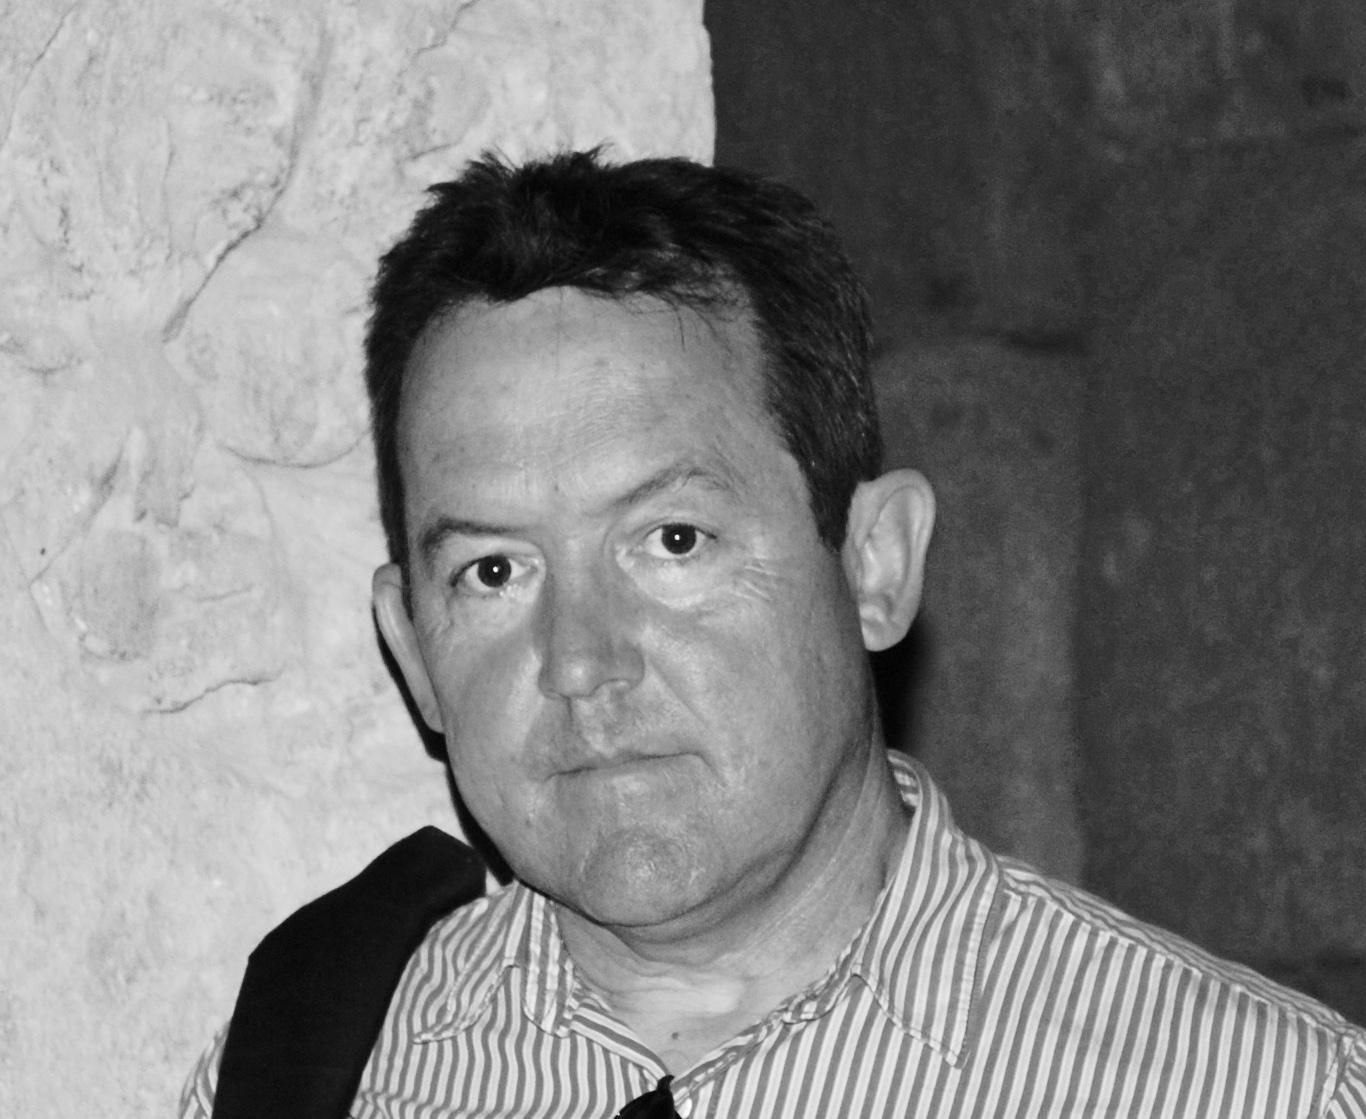 Dr. Stiofán Ó Cadhla